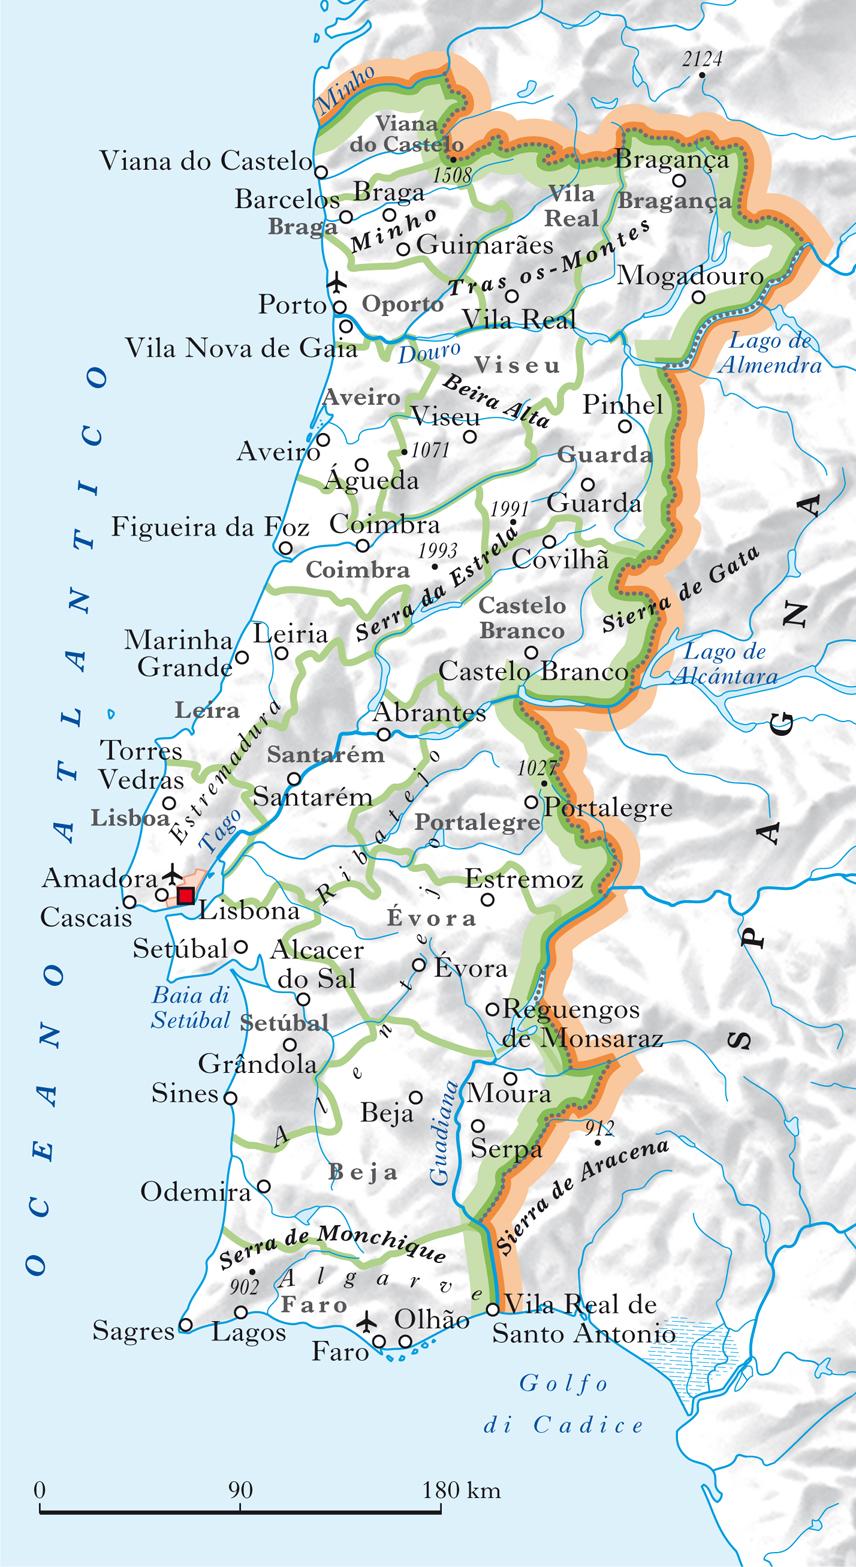 Cartina Fisica E Politica Del Portogallo.Portogallo In Atlante Geopolitico